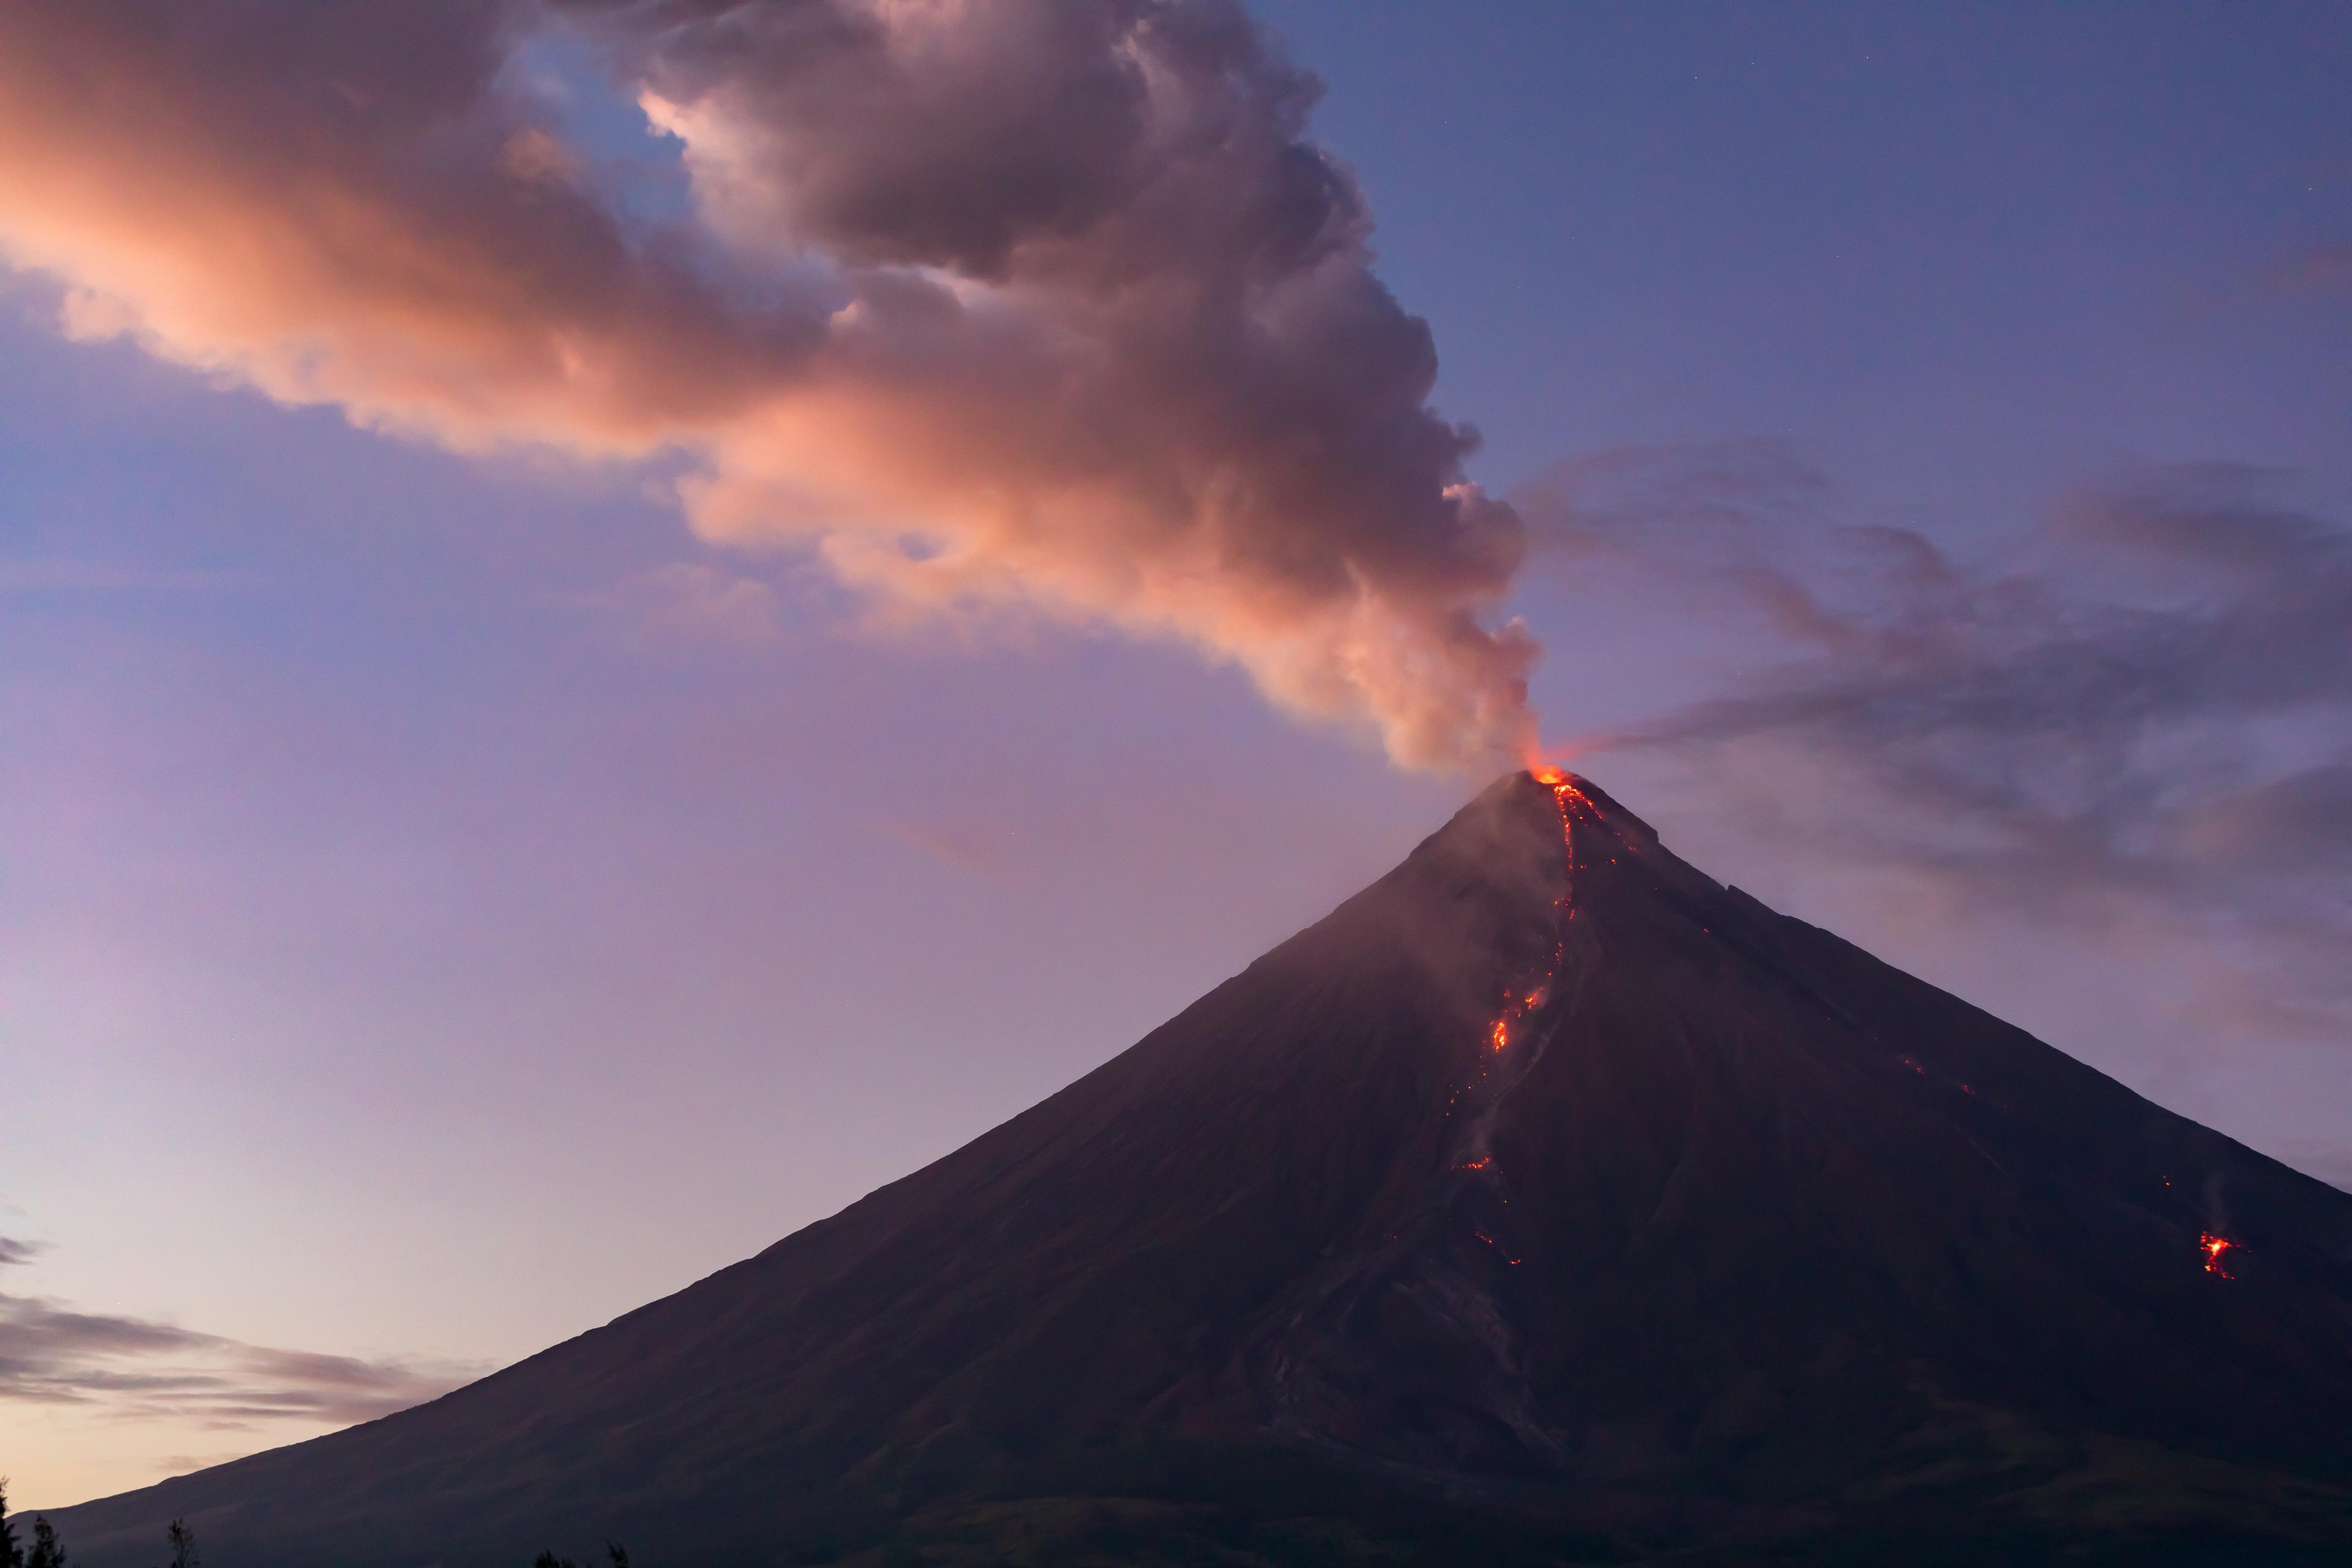 smoking Mayon Volcano at sunset